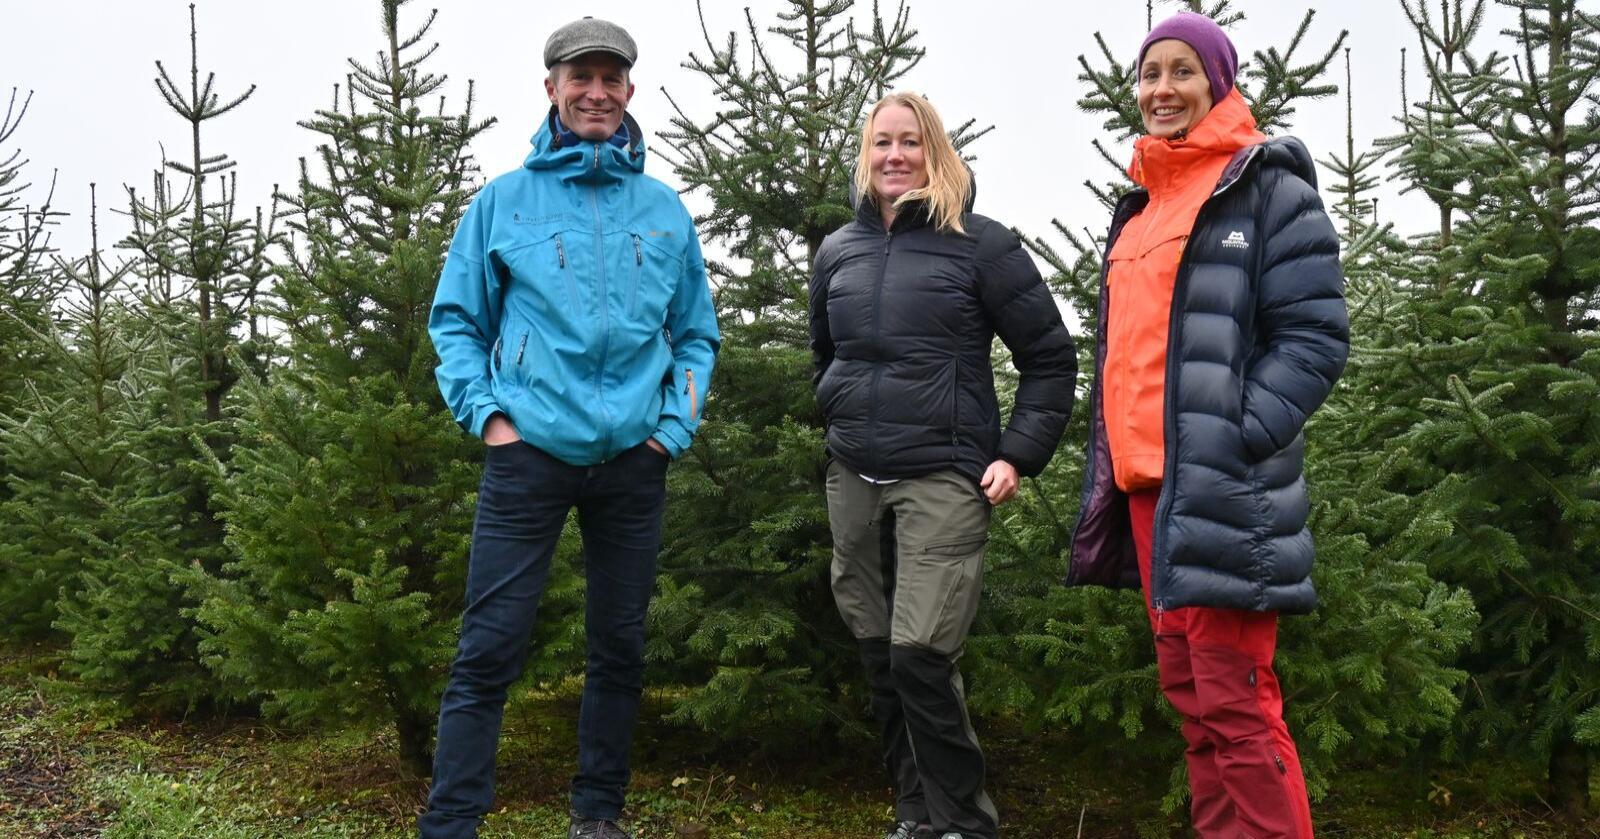 JULETREFANS: Her er tre som ivrer for juletreproduksjon, lokalt og nasjonalt. Daglig leder i Norsk Juletre, Heidi Amundsen, i midten, flankert av juletreprodusentene Arne Wilhelm Omsted og Kjersti Rinde Omsted.